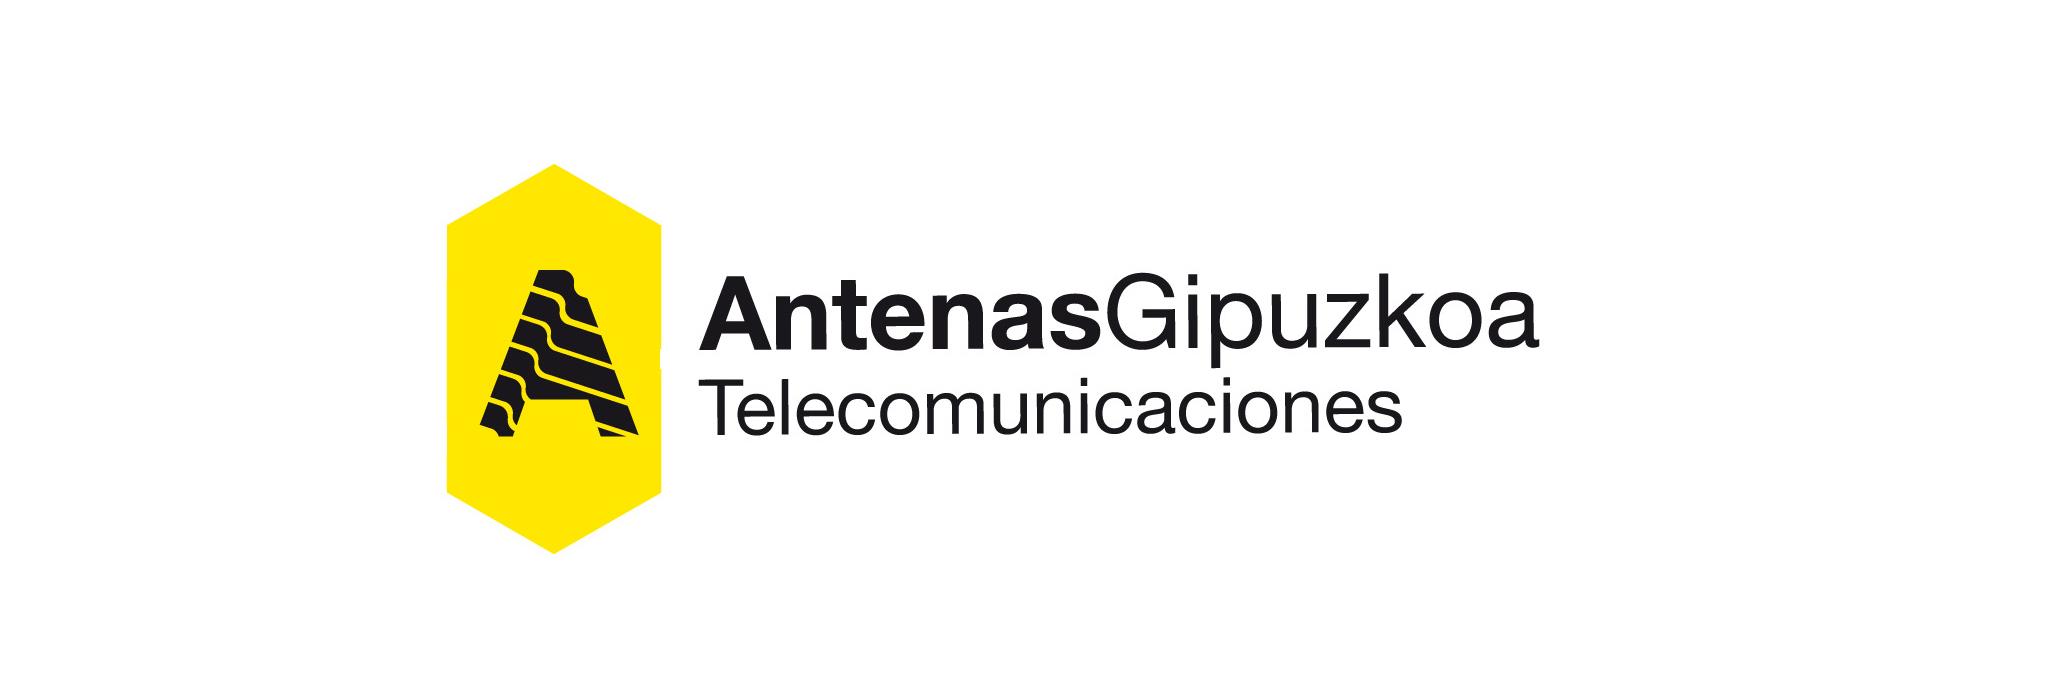 Antenas Gipuzkoa